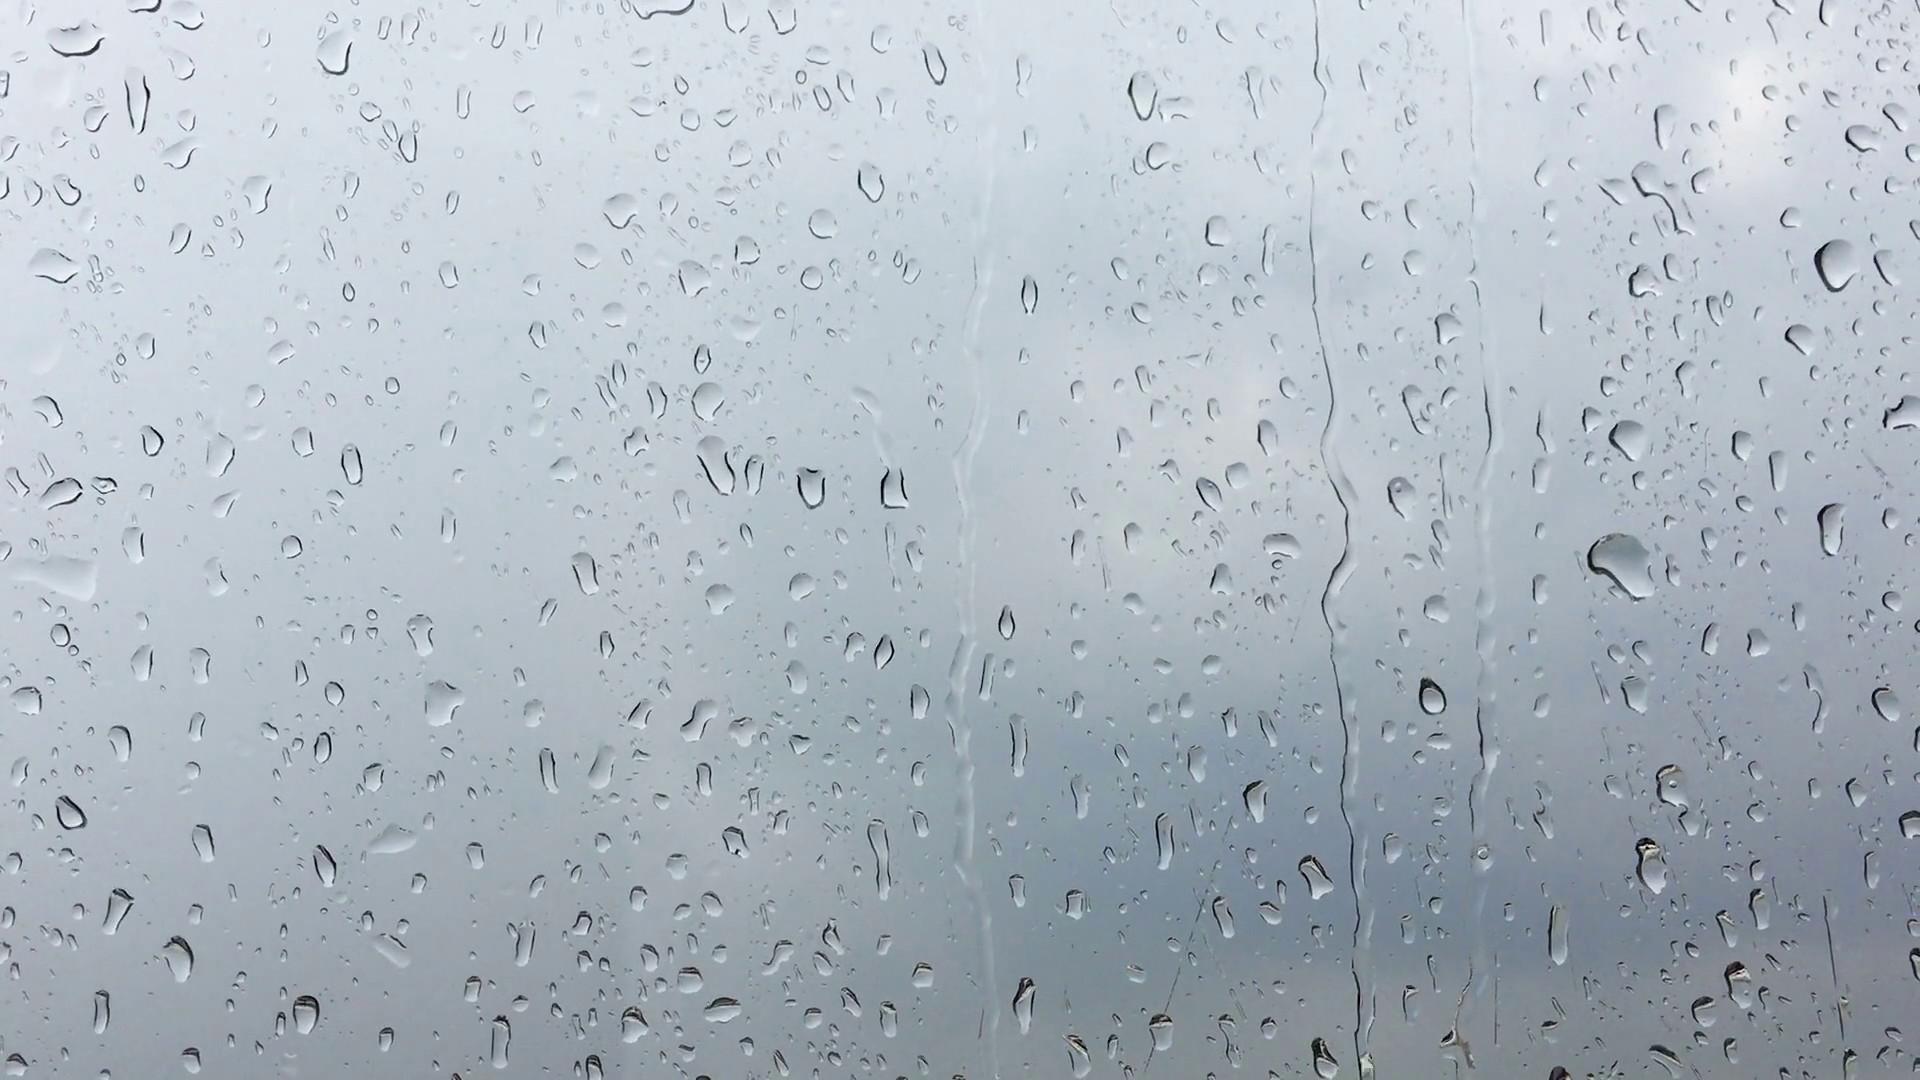 Rain Drop Wallpaper Hd Raindrops Background 183 ①